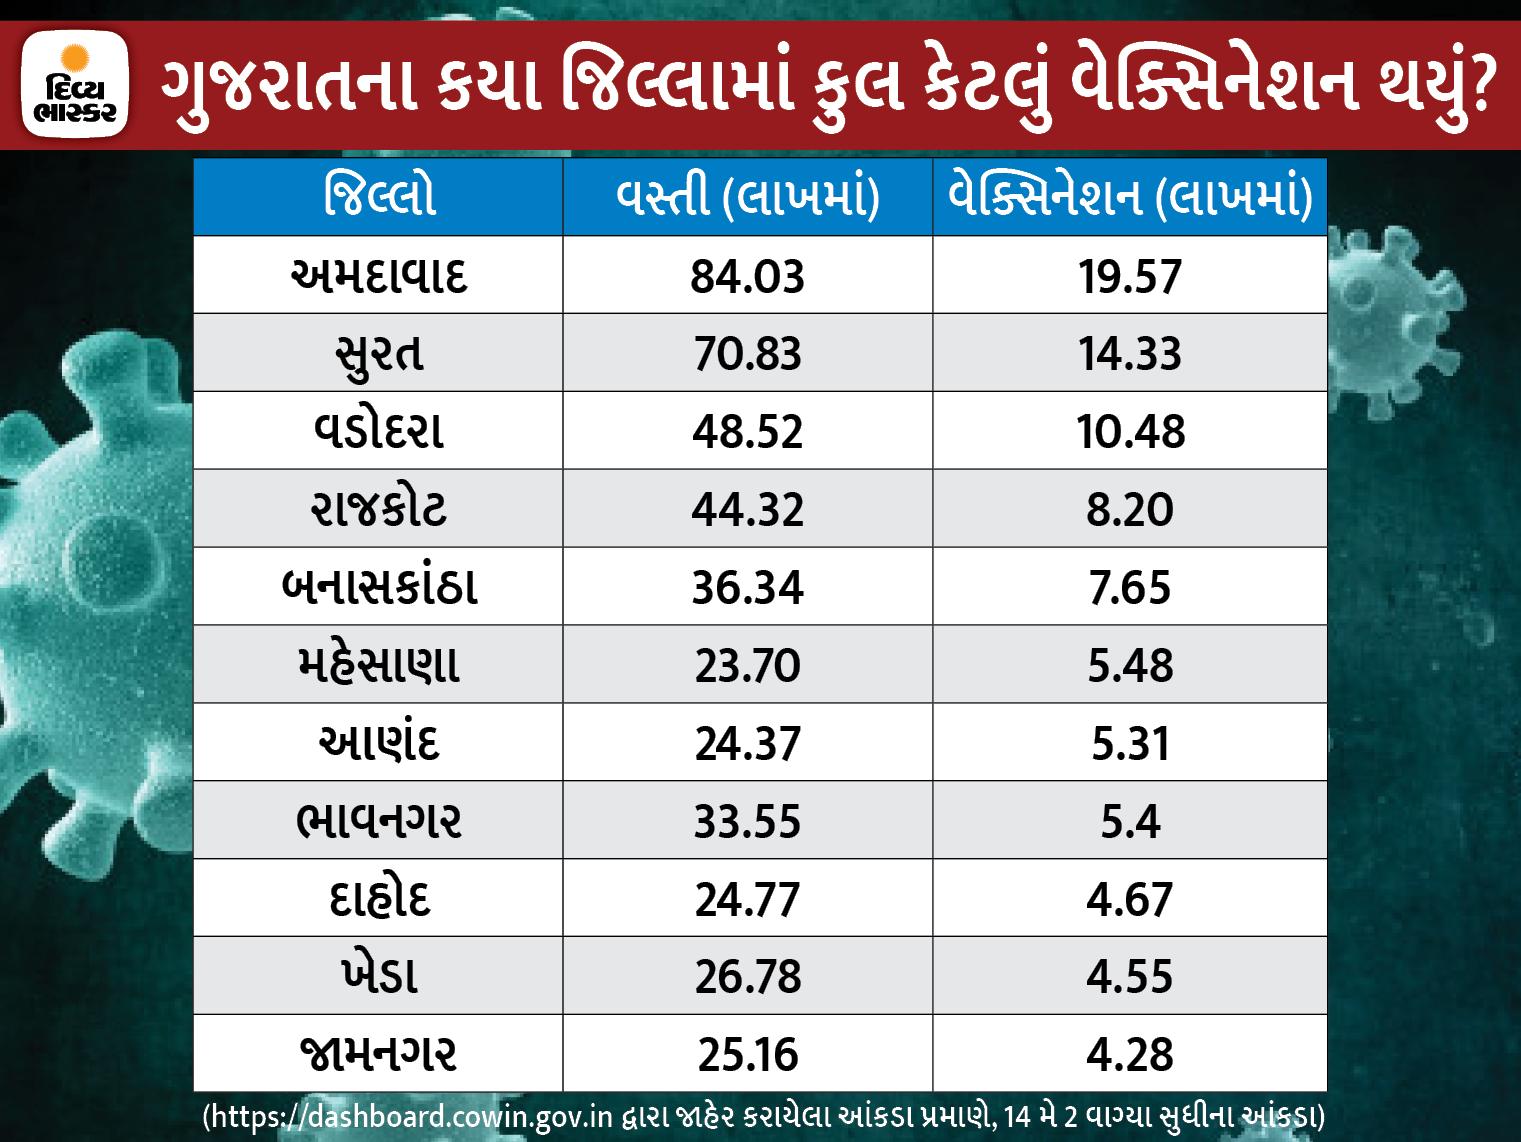 ગુજરાતમાં અત્યારસુધીમાં 1.50 કરોડ લોકોનું વેક્સિનેશન, અમદાવાદમાં સૌથી વધુ 19.57 લાખ અને ડાંગમાં સૌથી ઓછું 44 હજારનું જ રસીકરણ|અમદાવાદ,Ahmedabad - Divya Bhaskar